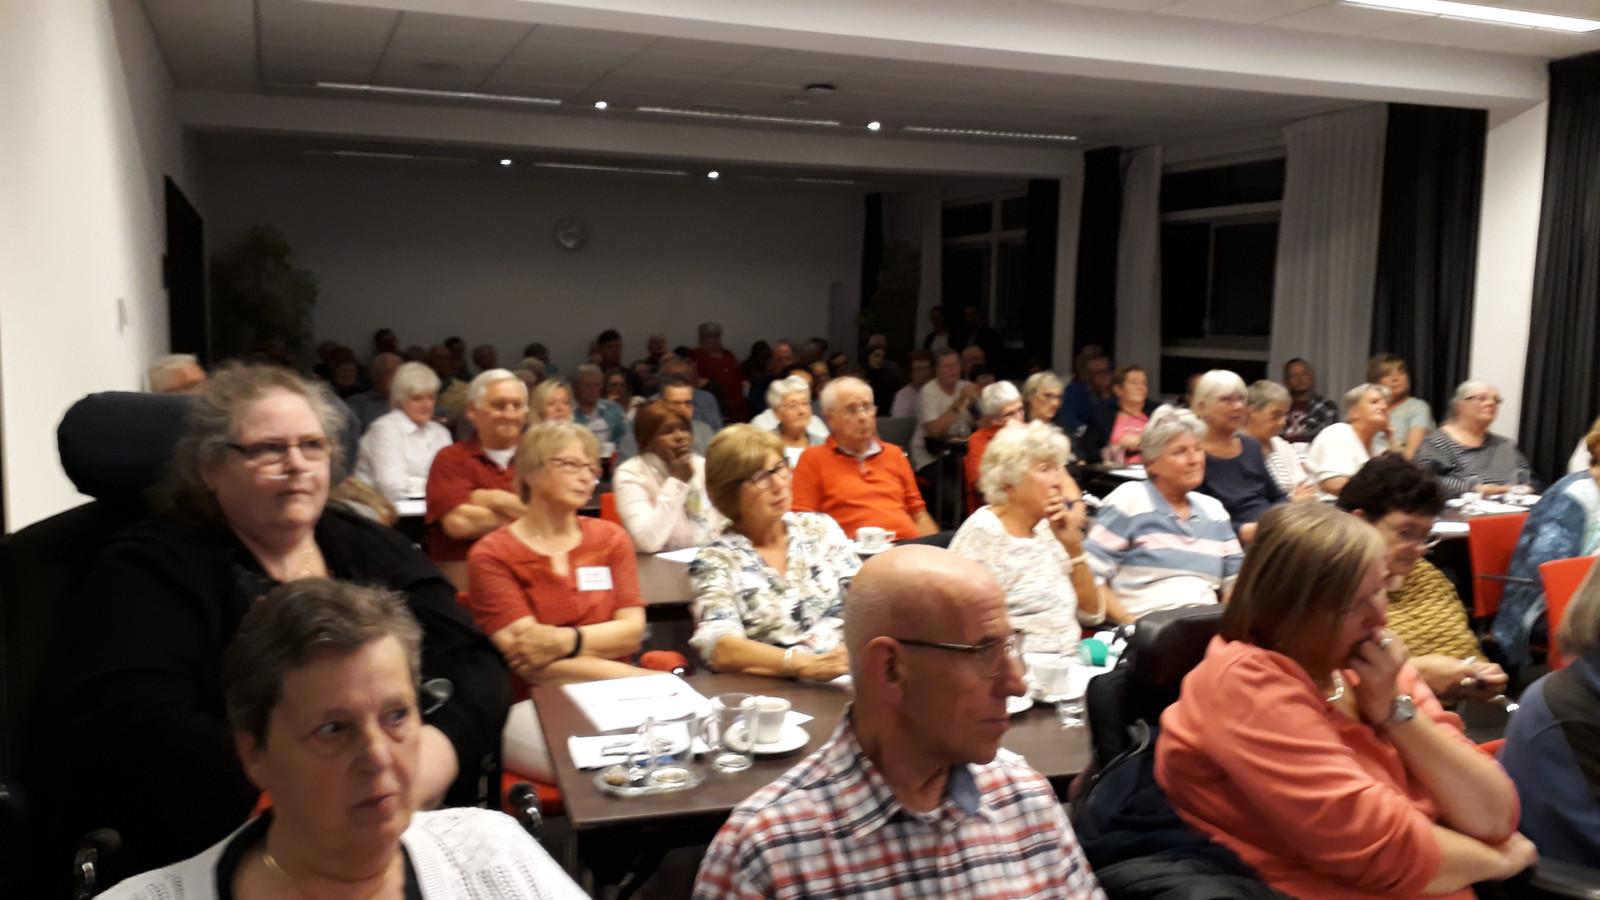 De bijeenkomst van FNV en KBO over huishoudelijke hulp Eindhoven werd druk bezocht.